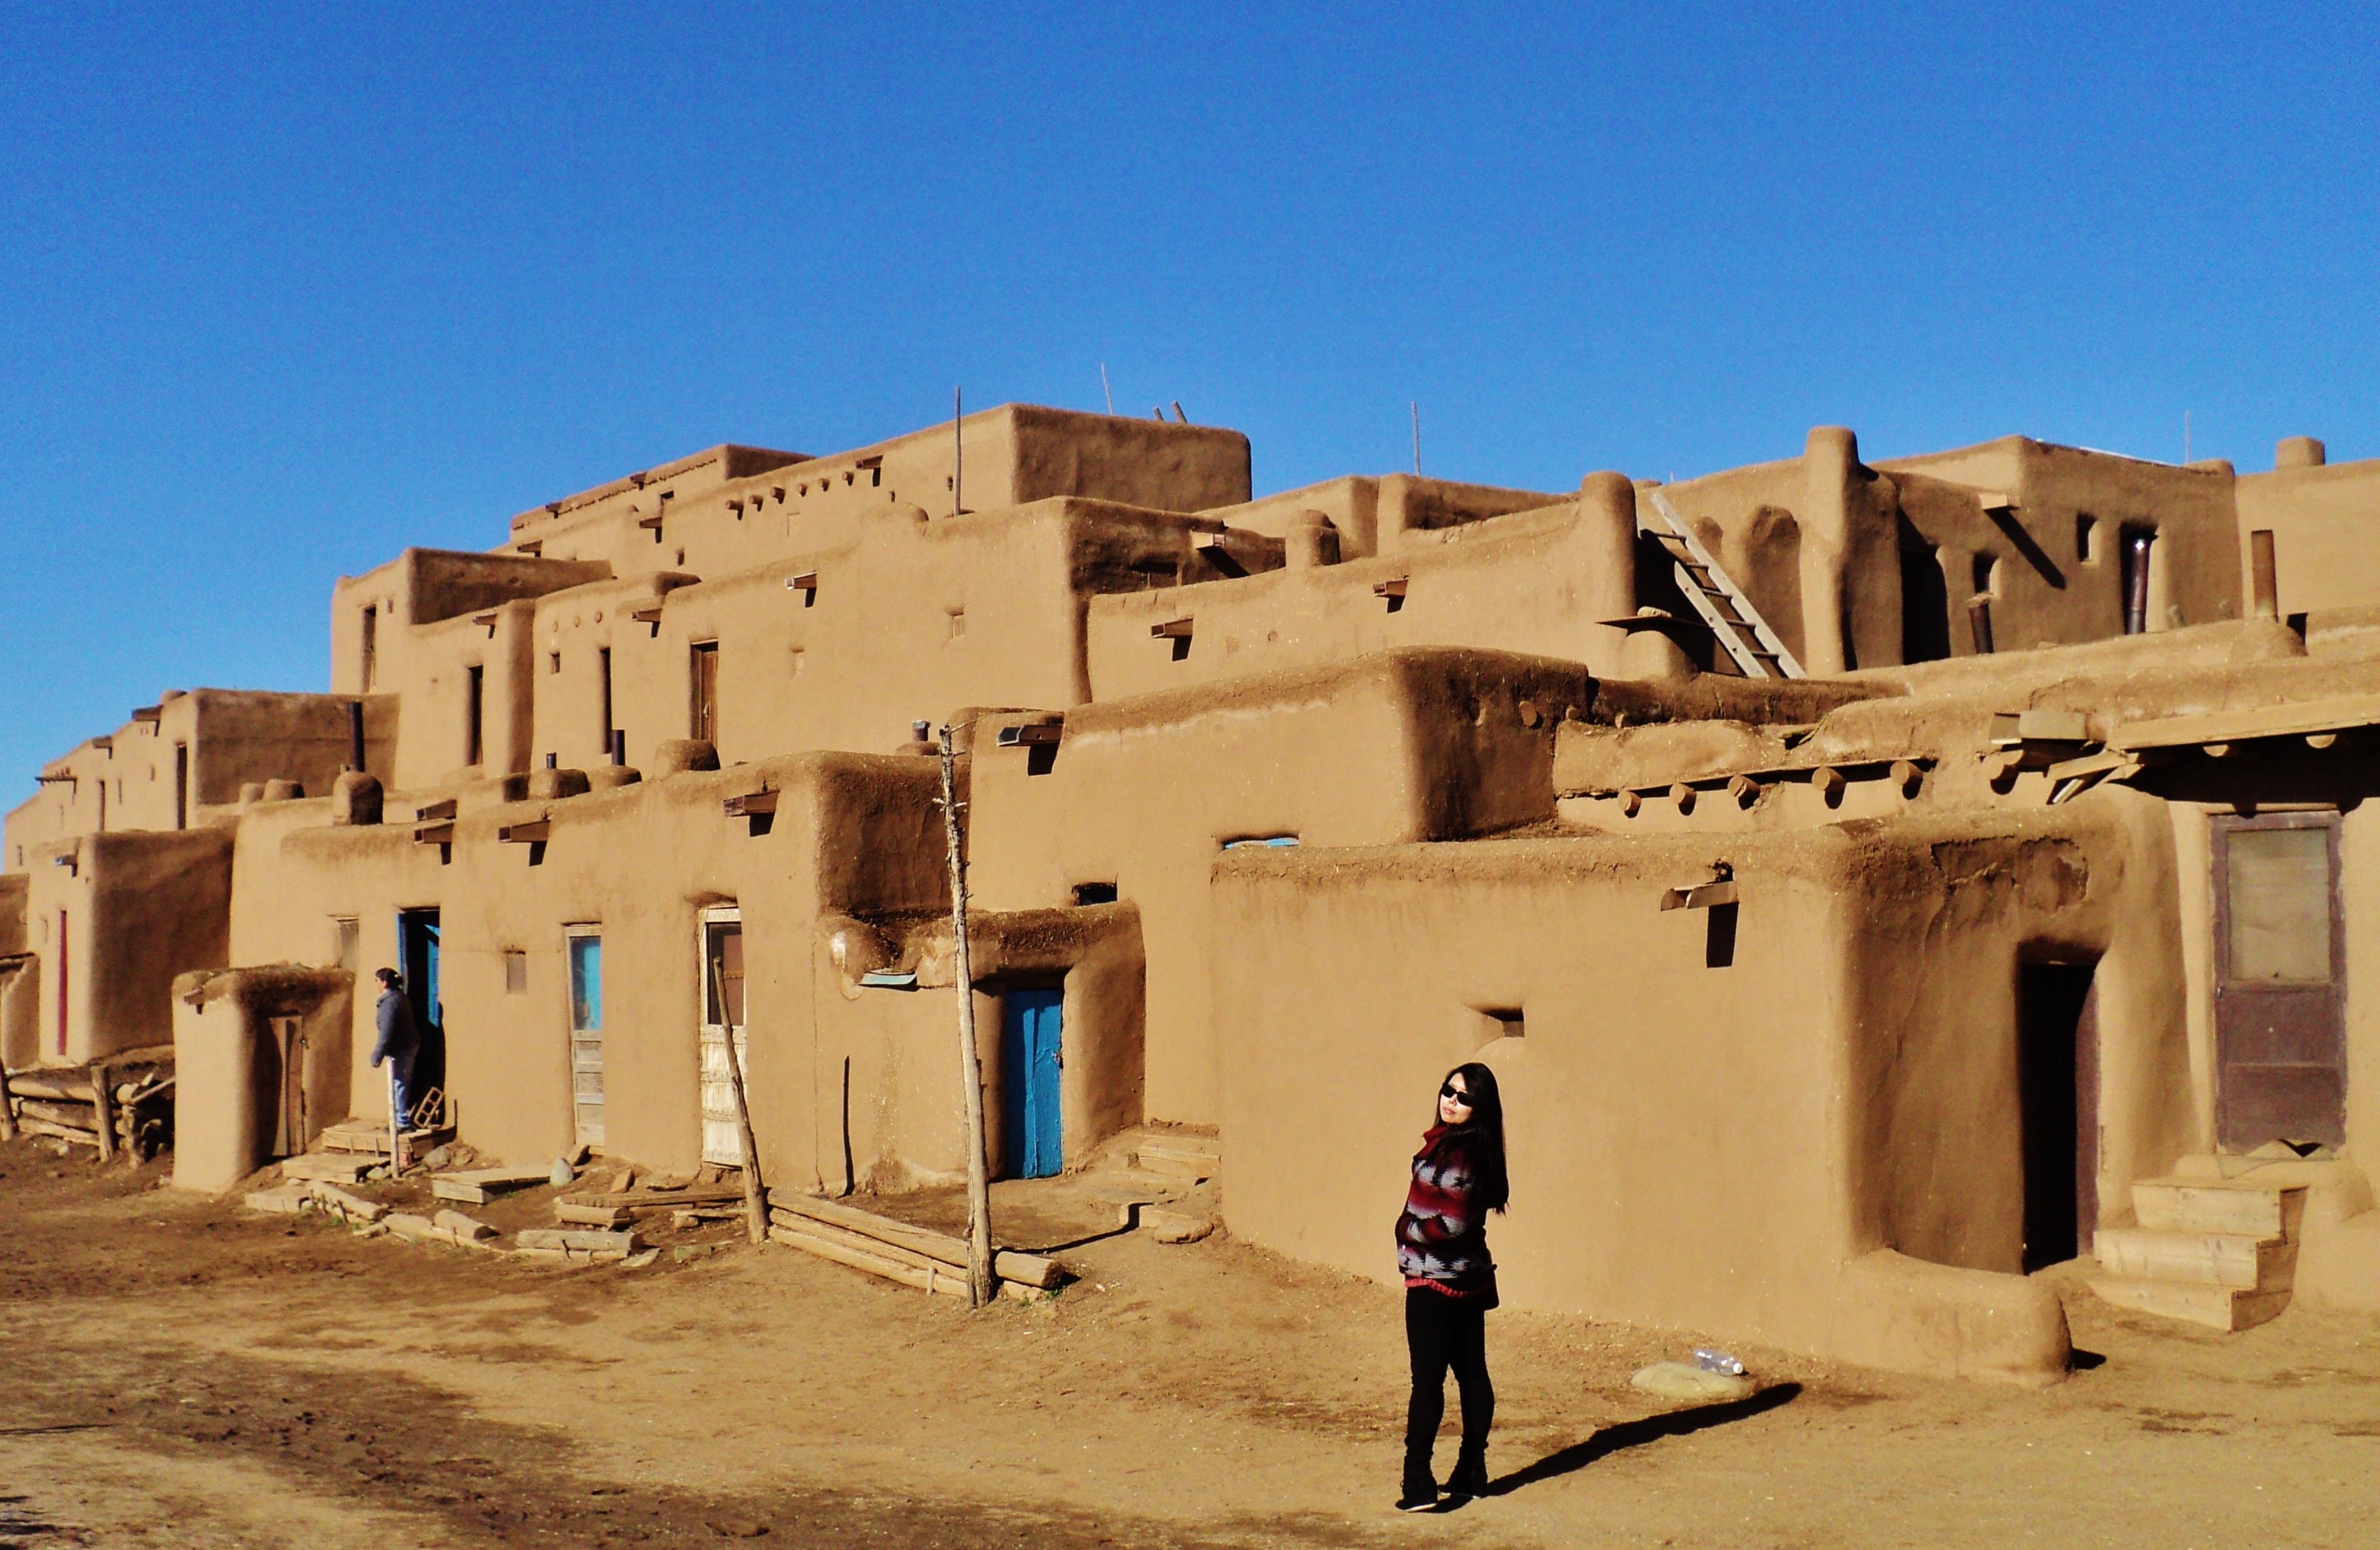 22 November 2016 Taos Pueblo